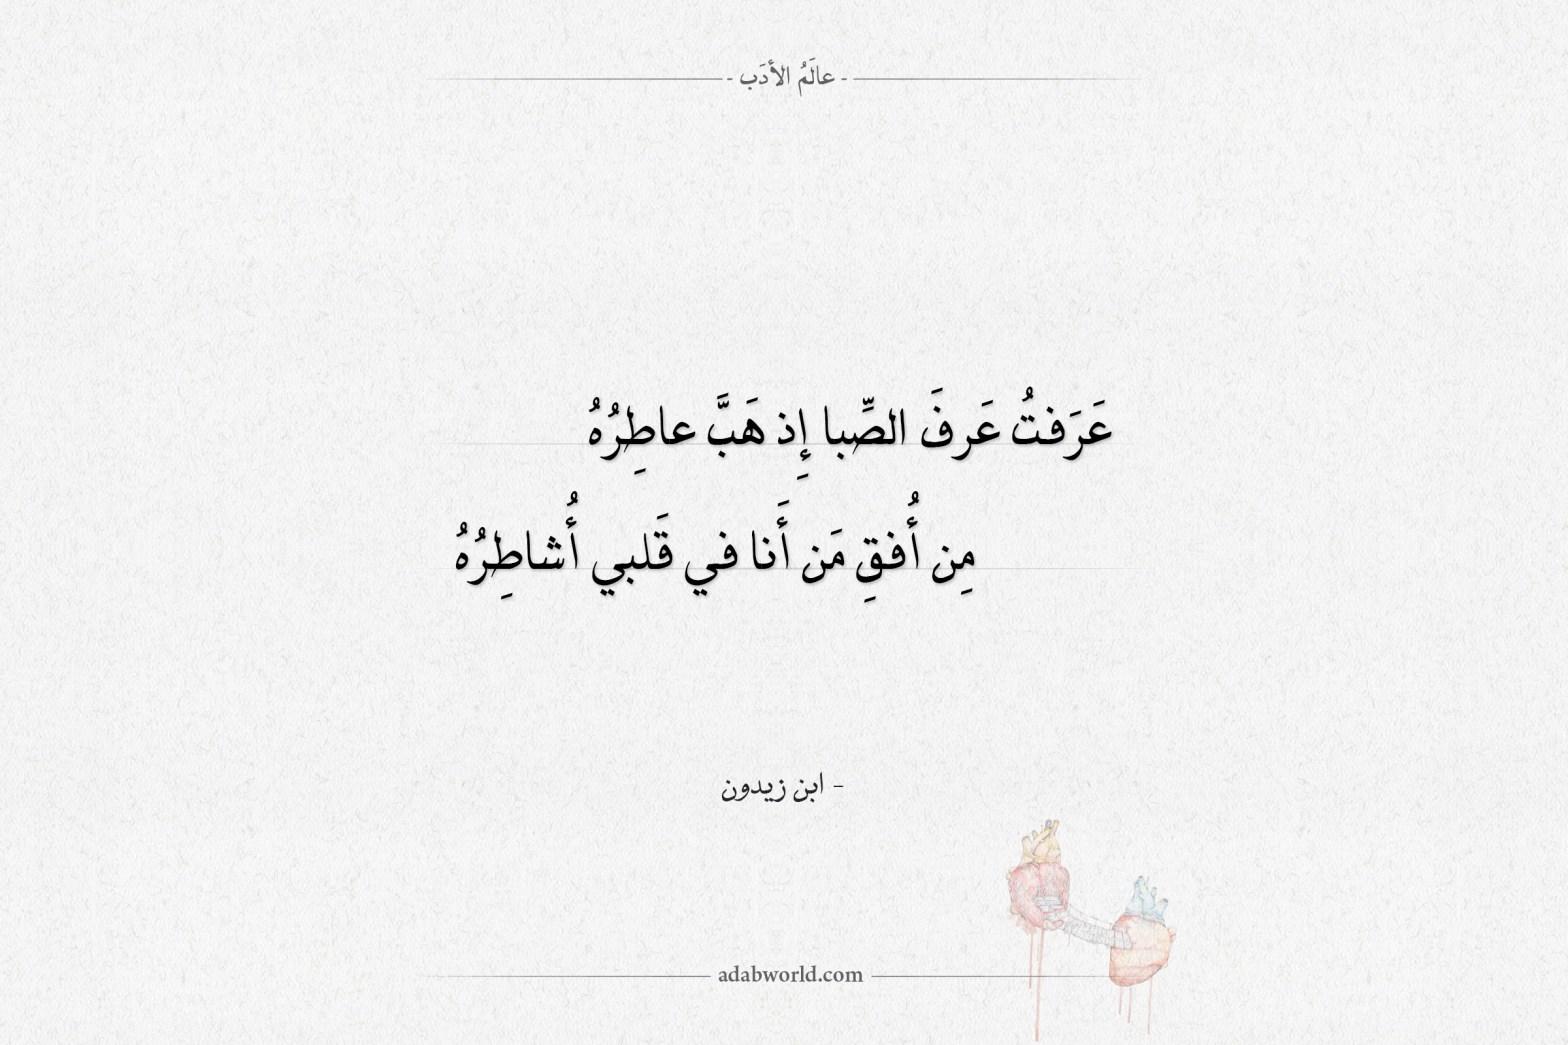 شعر ابن زيدون - عرفت عرف الصبا